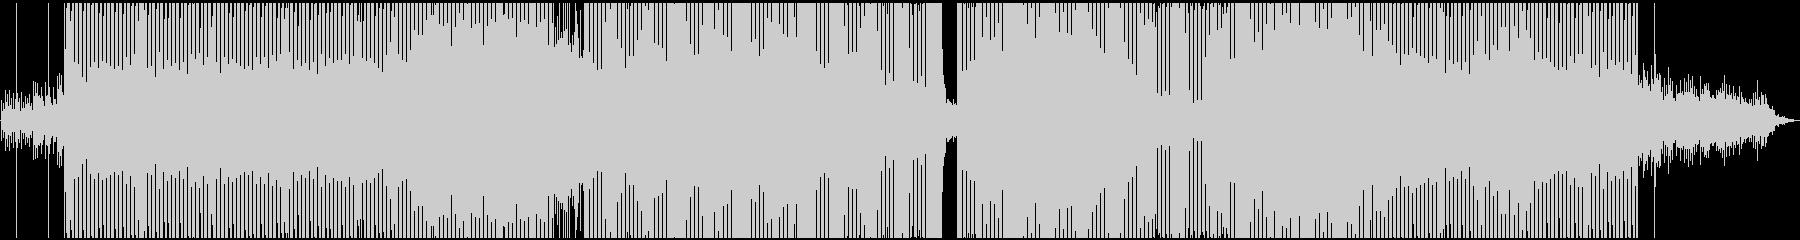 自然(山,桜)をイメージしたテクノEDMの未再生の波形